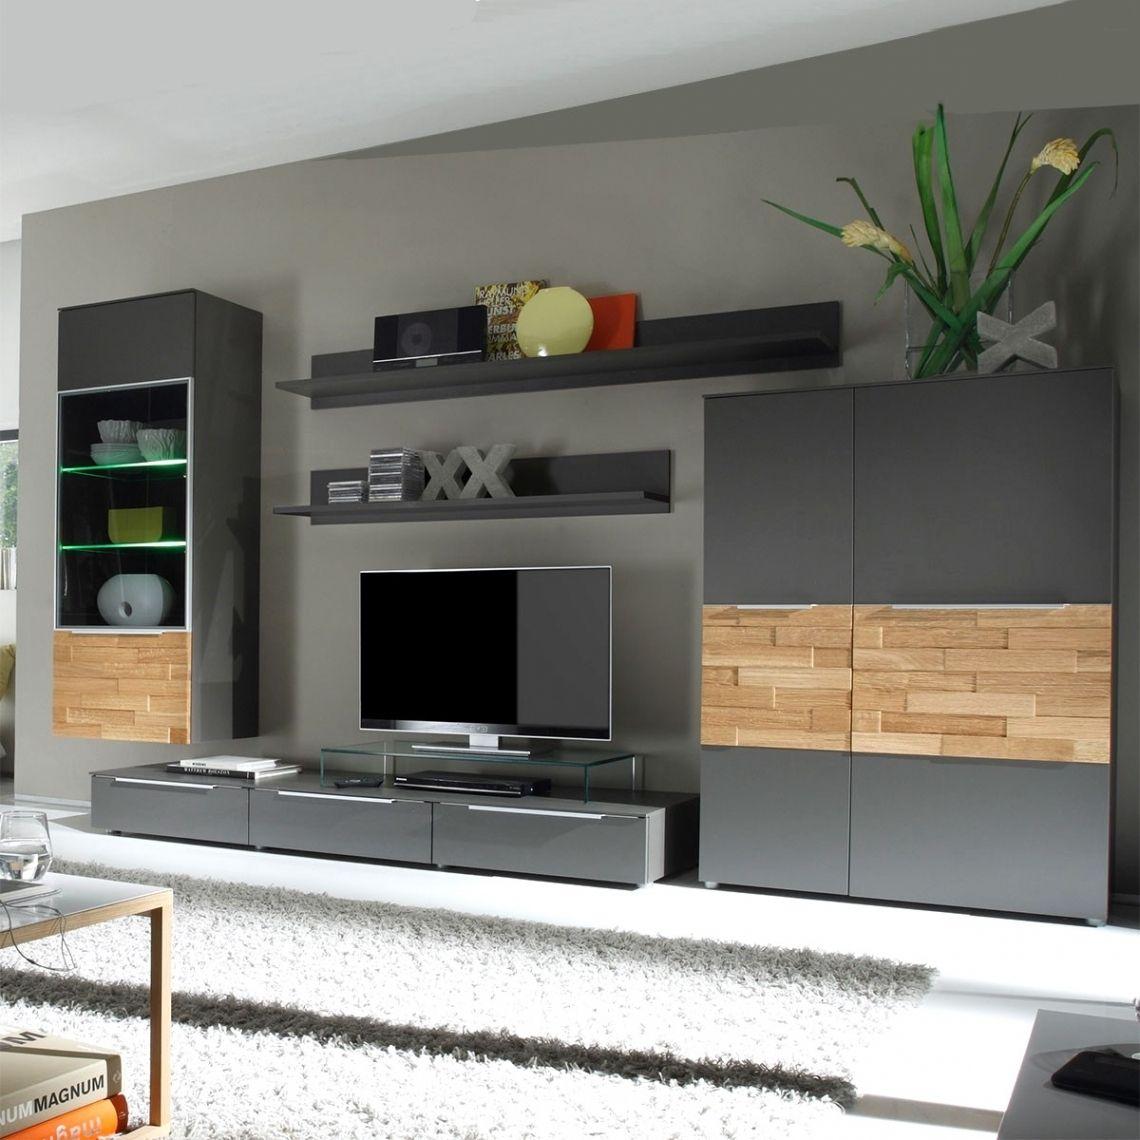 Inspirierend Wohnzimmerschrank Modern   Wohnzimmer ideen   Pinterest ...